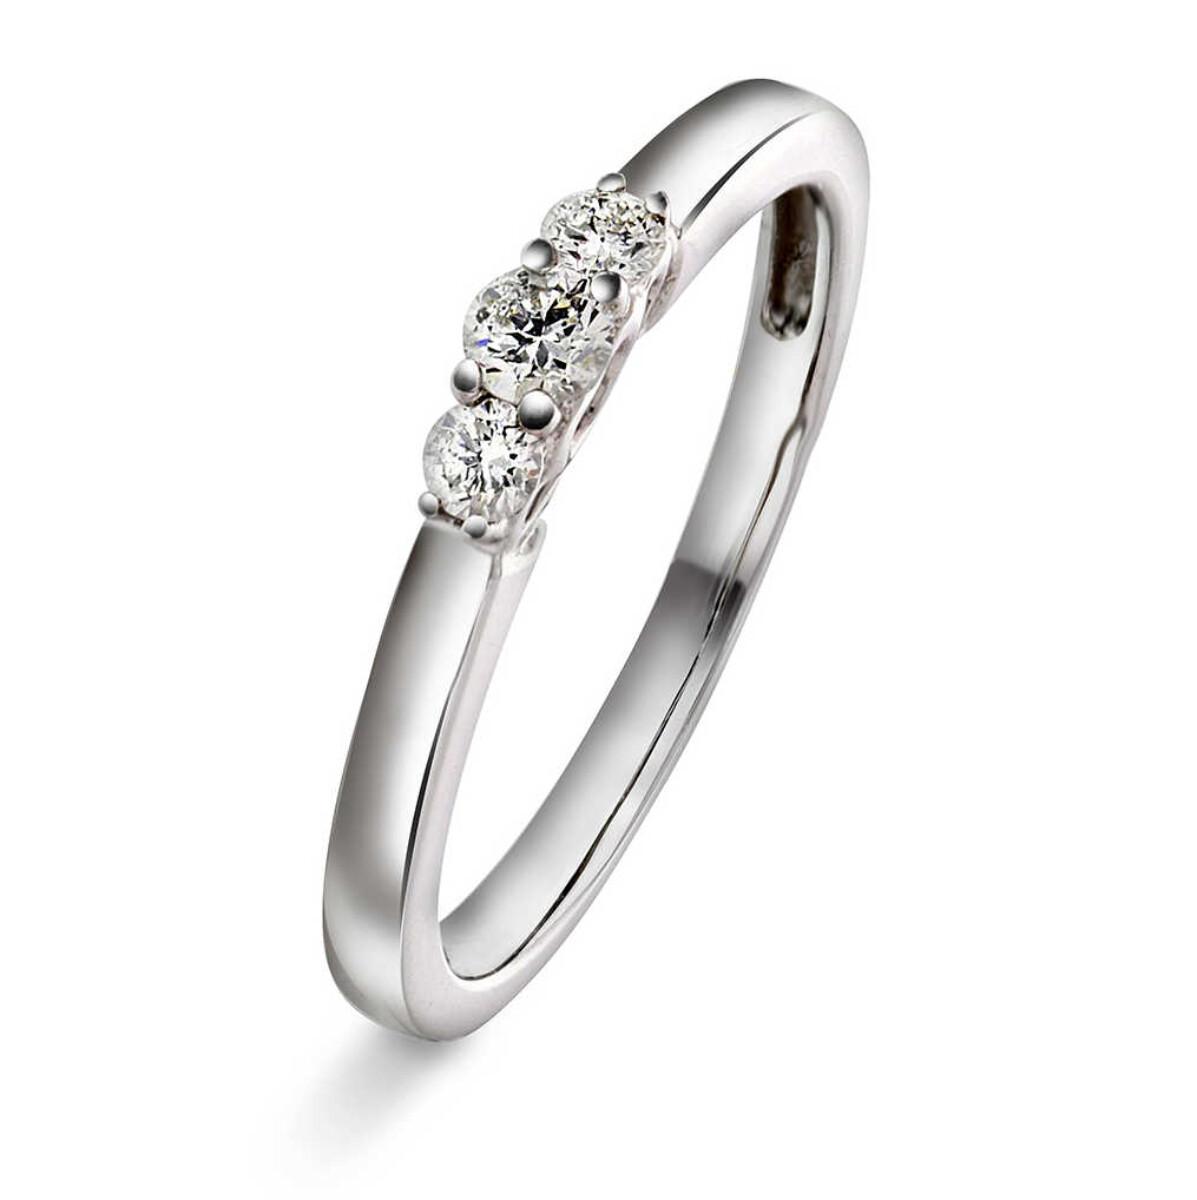 Ring i hvittgull med diamanter 0,20 ct WSI